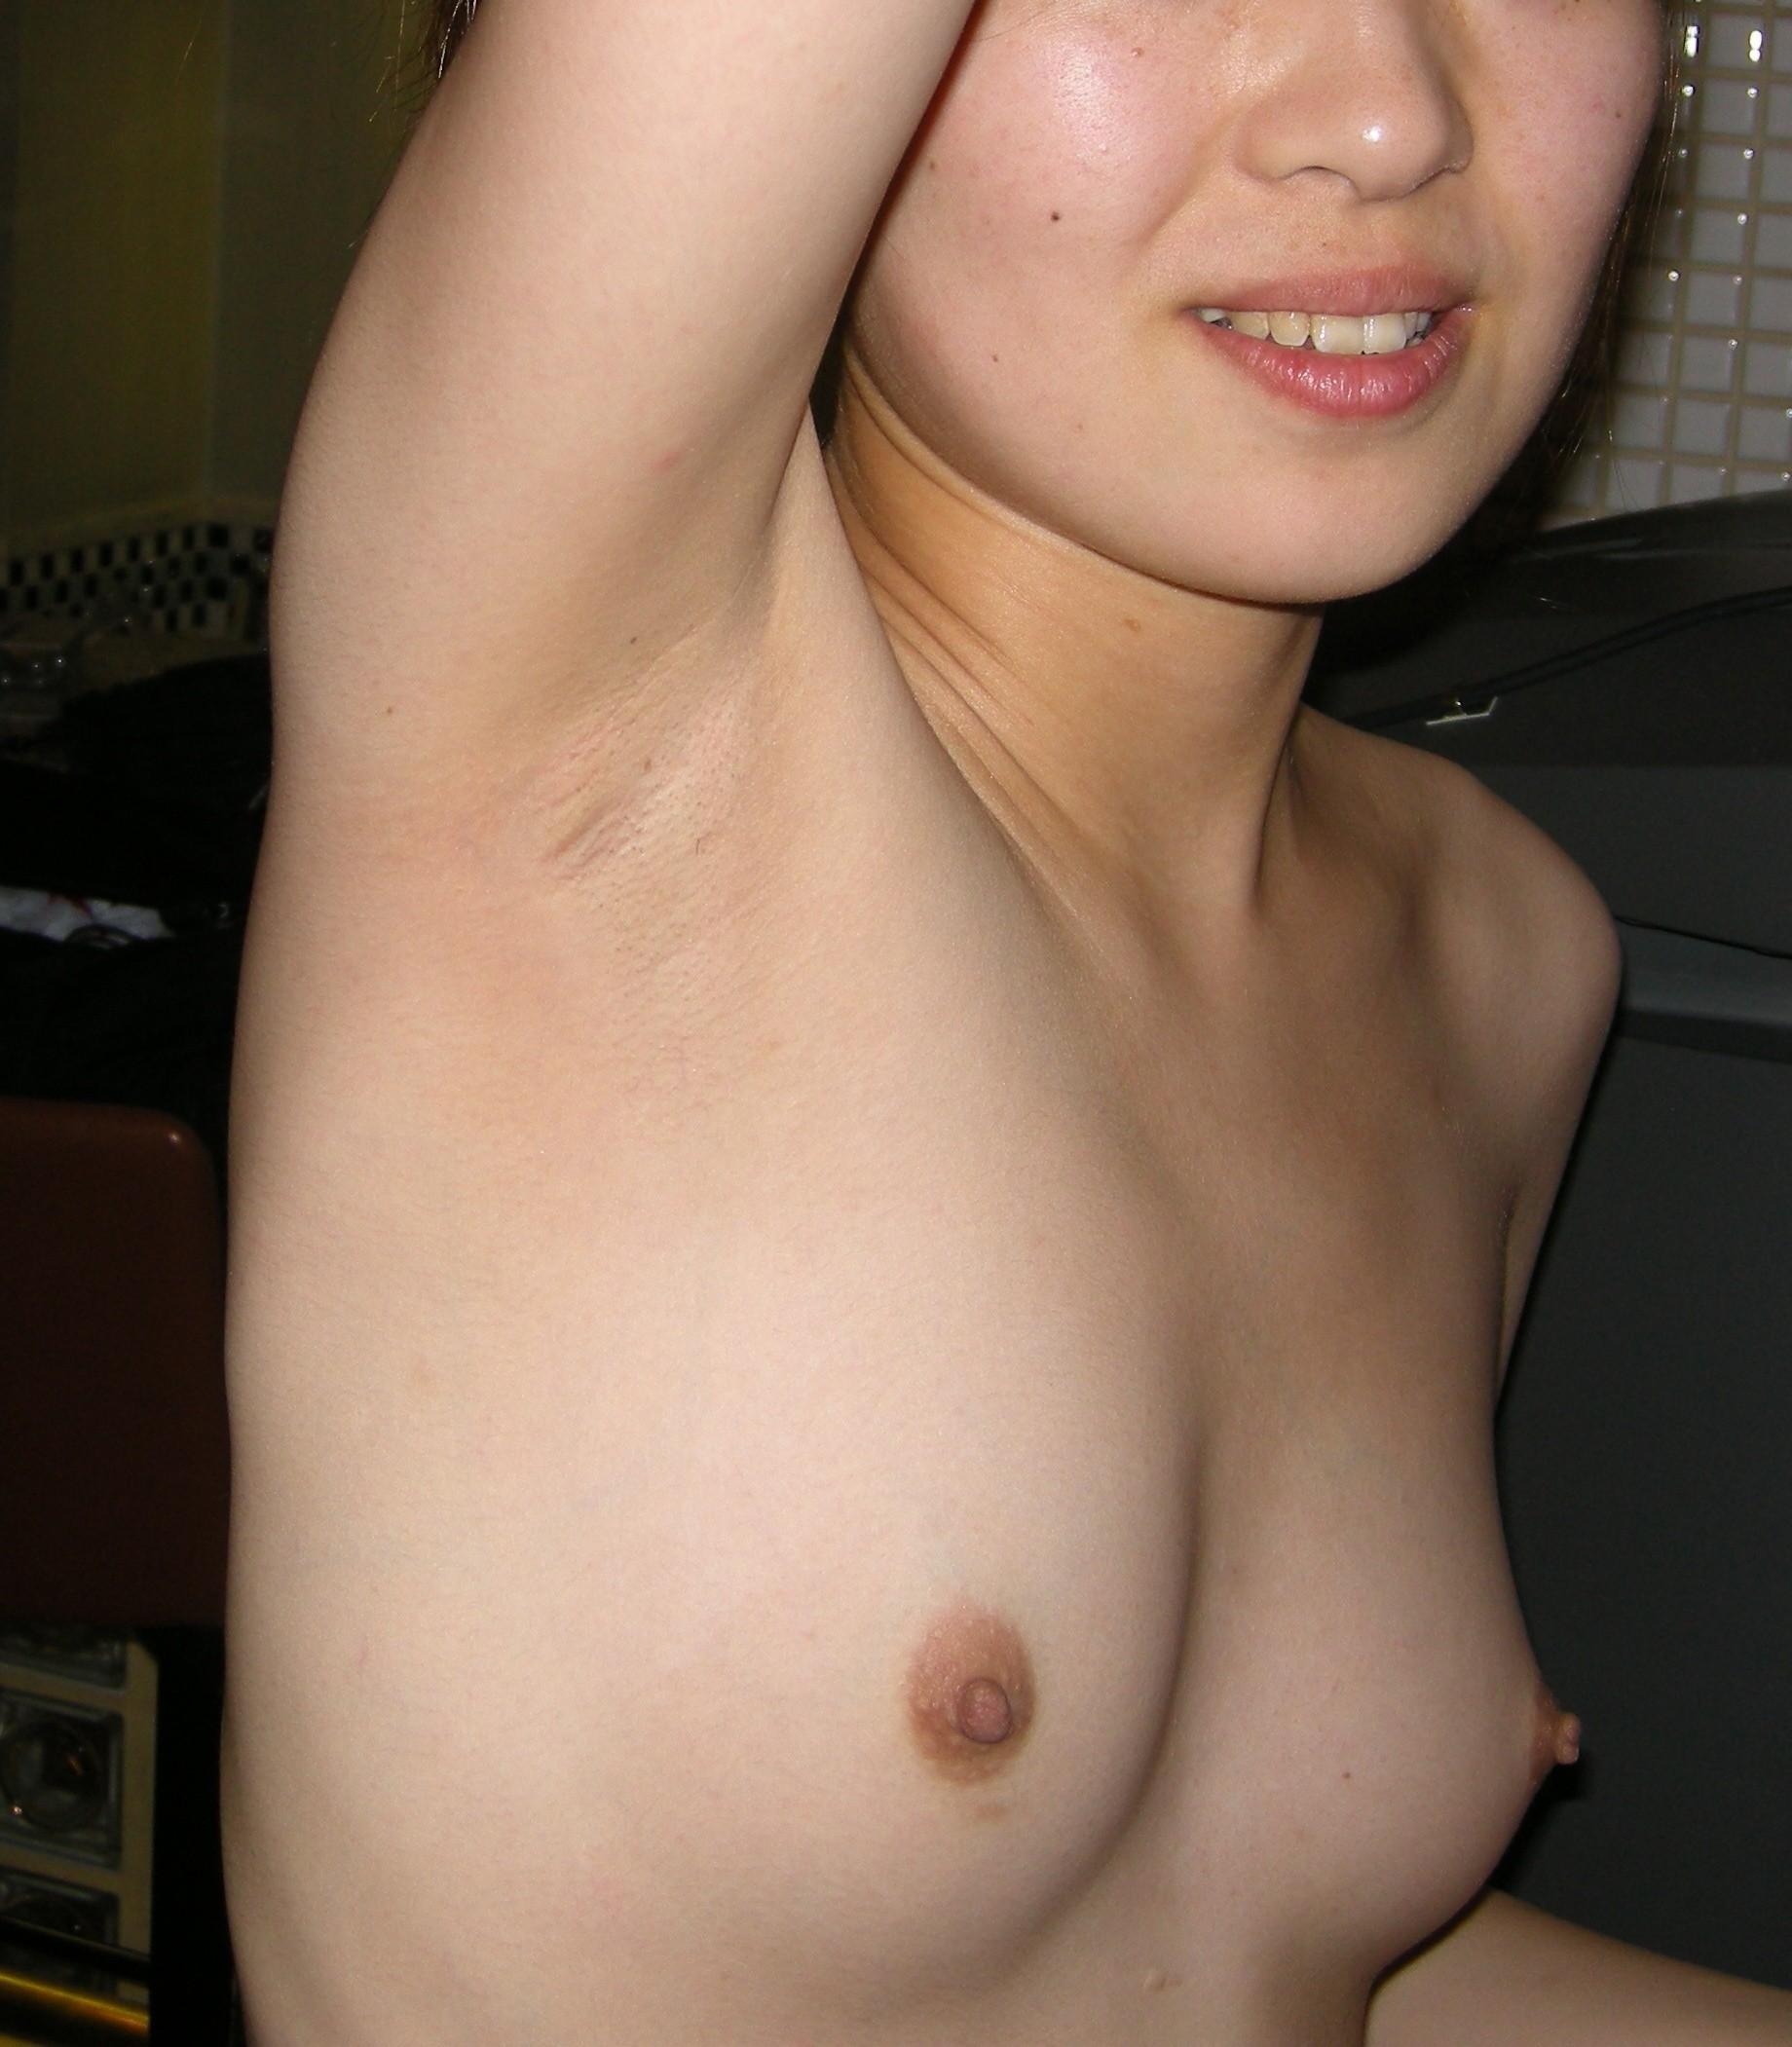 5kai015